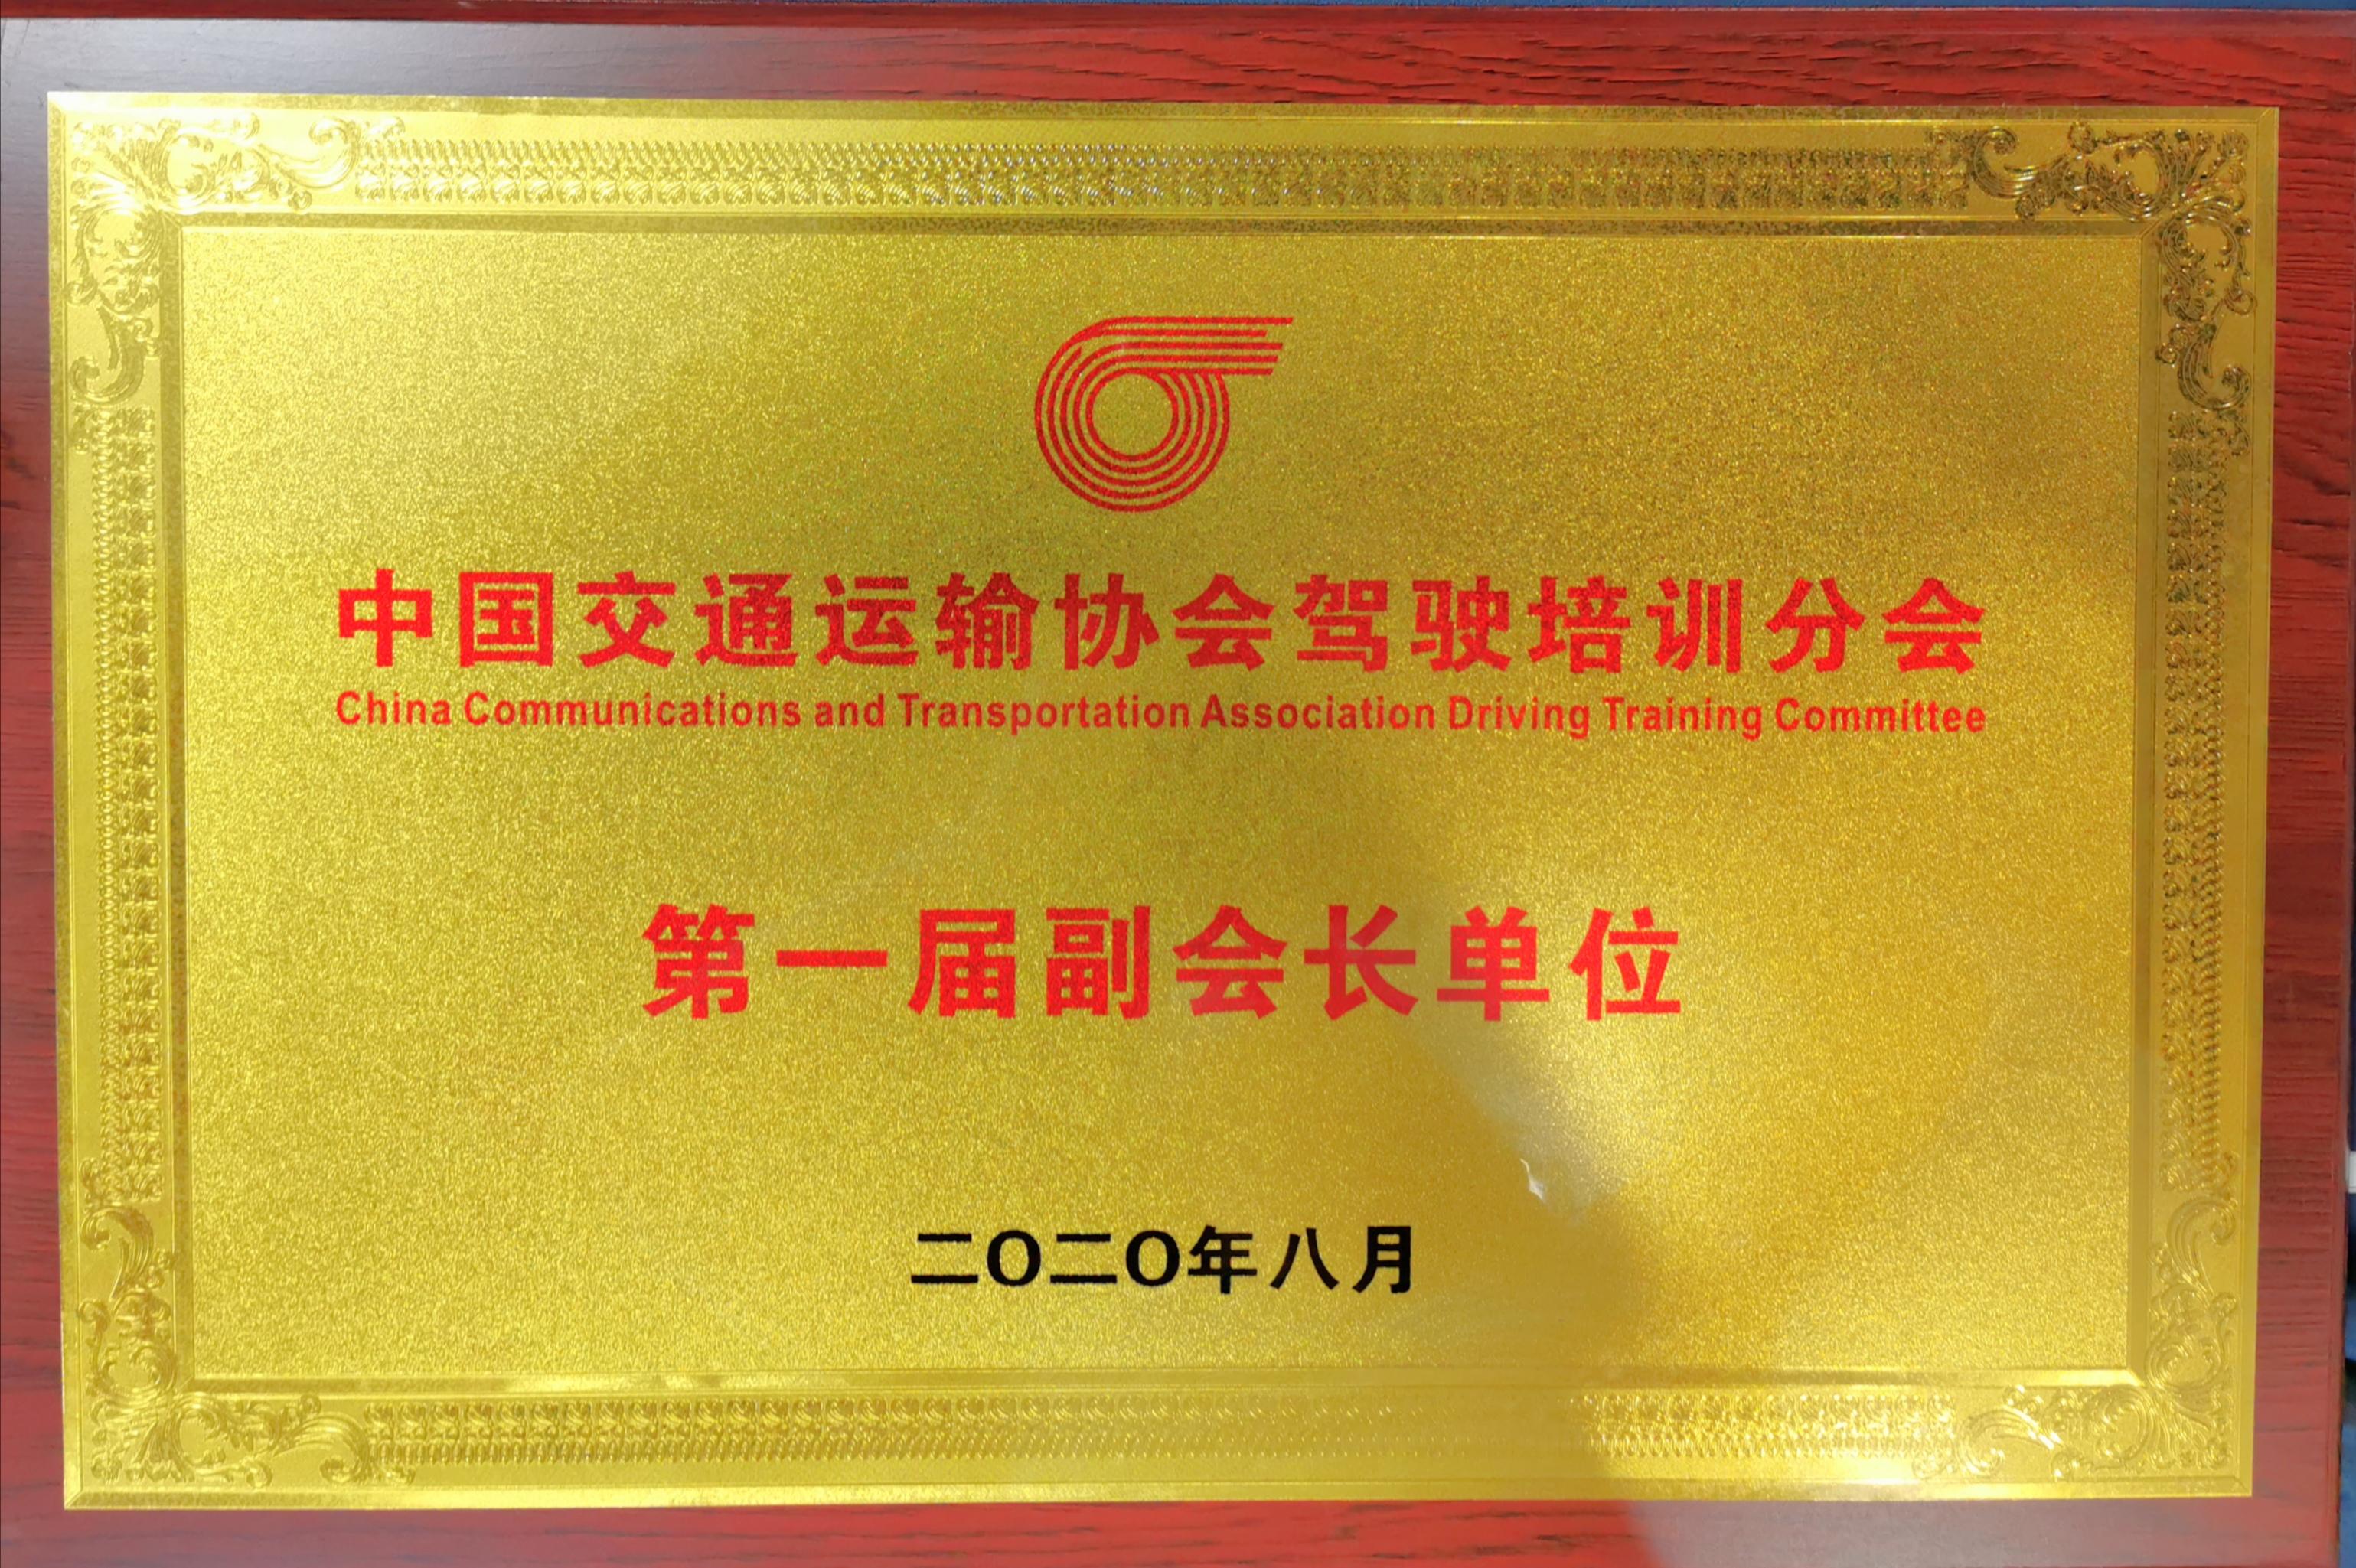 木仓科技正式成为中国交通运输协会驾驶培训分会第一届副会长单位